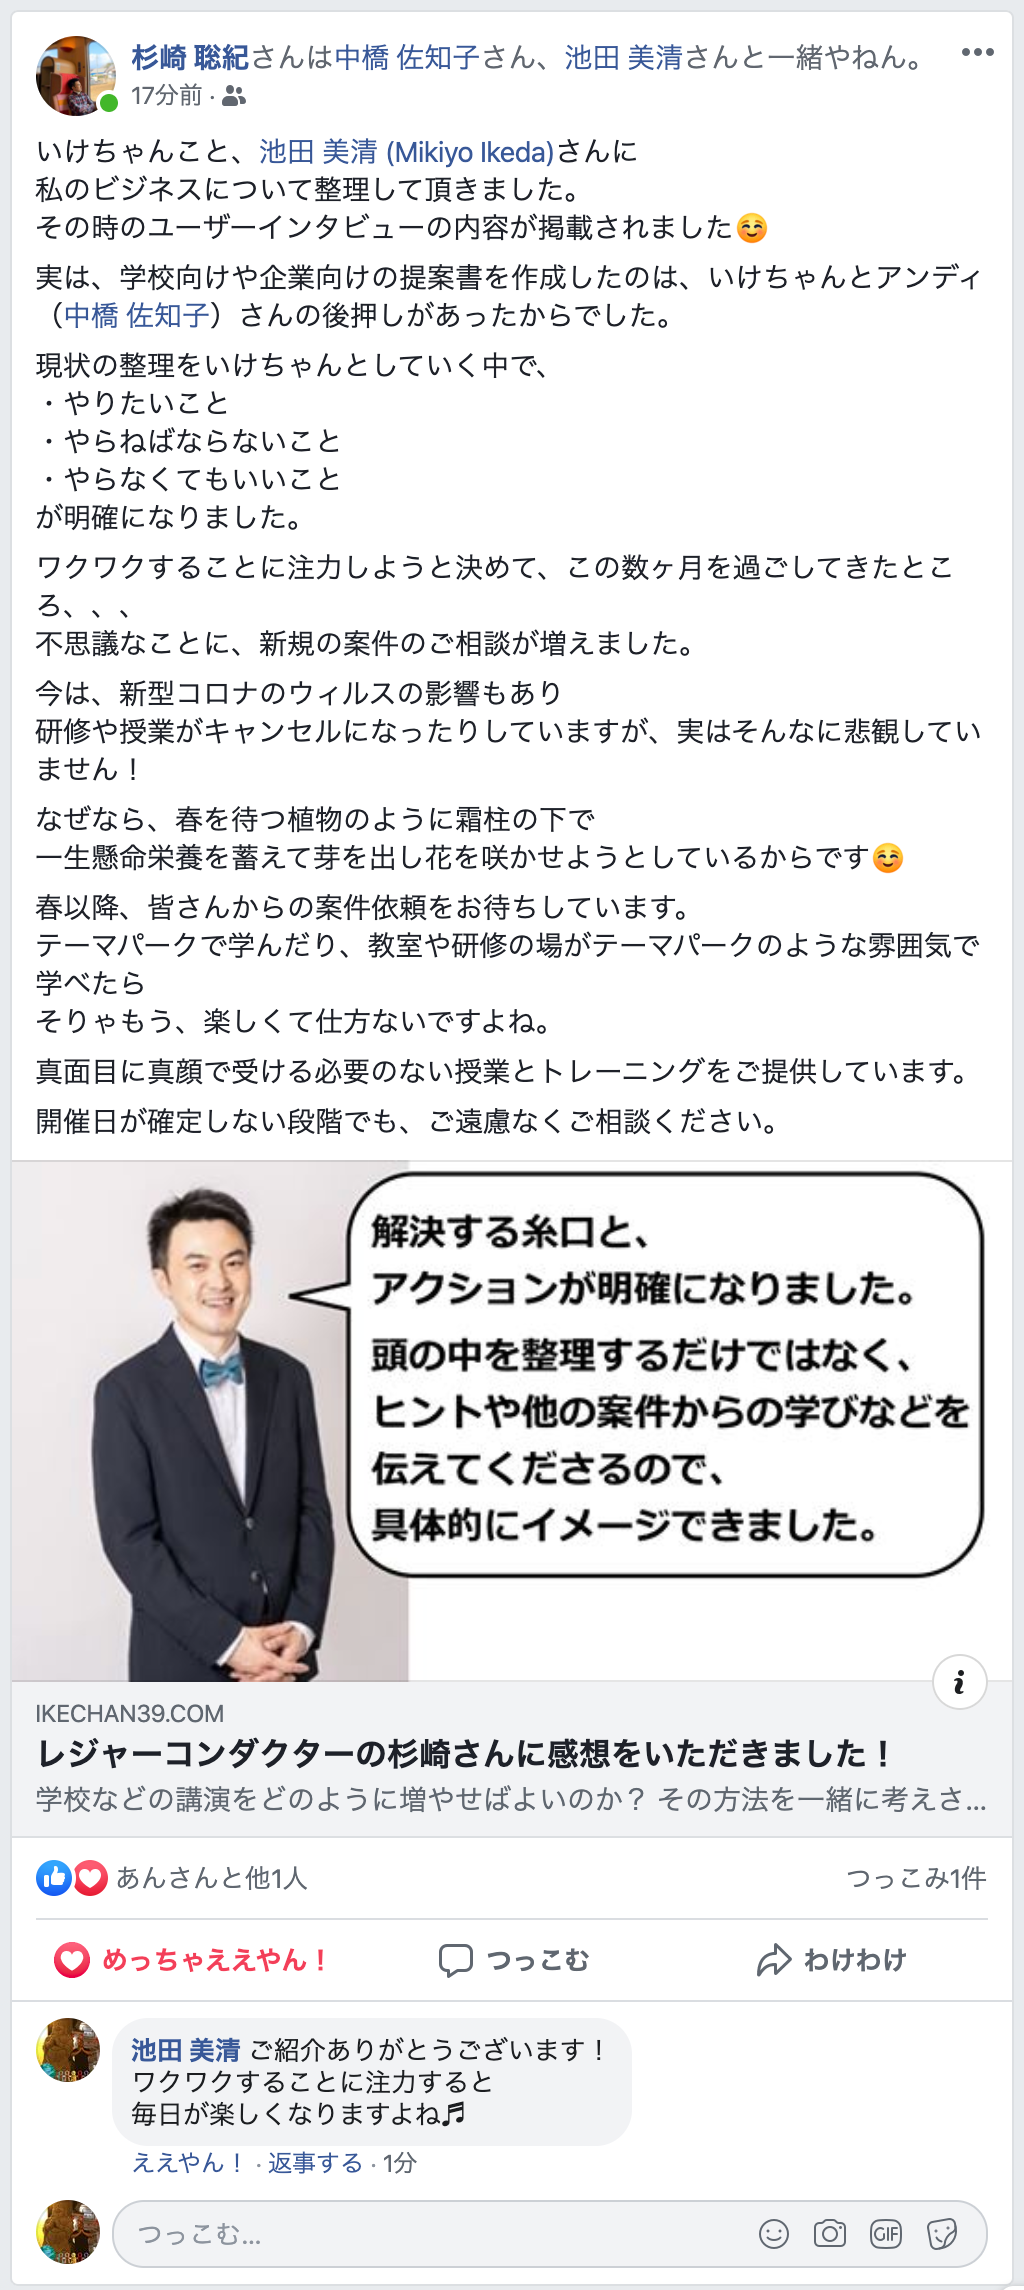 杉崎さんのフェイスブックの投稿内容